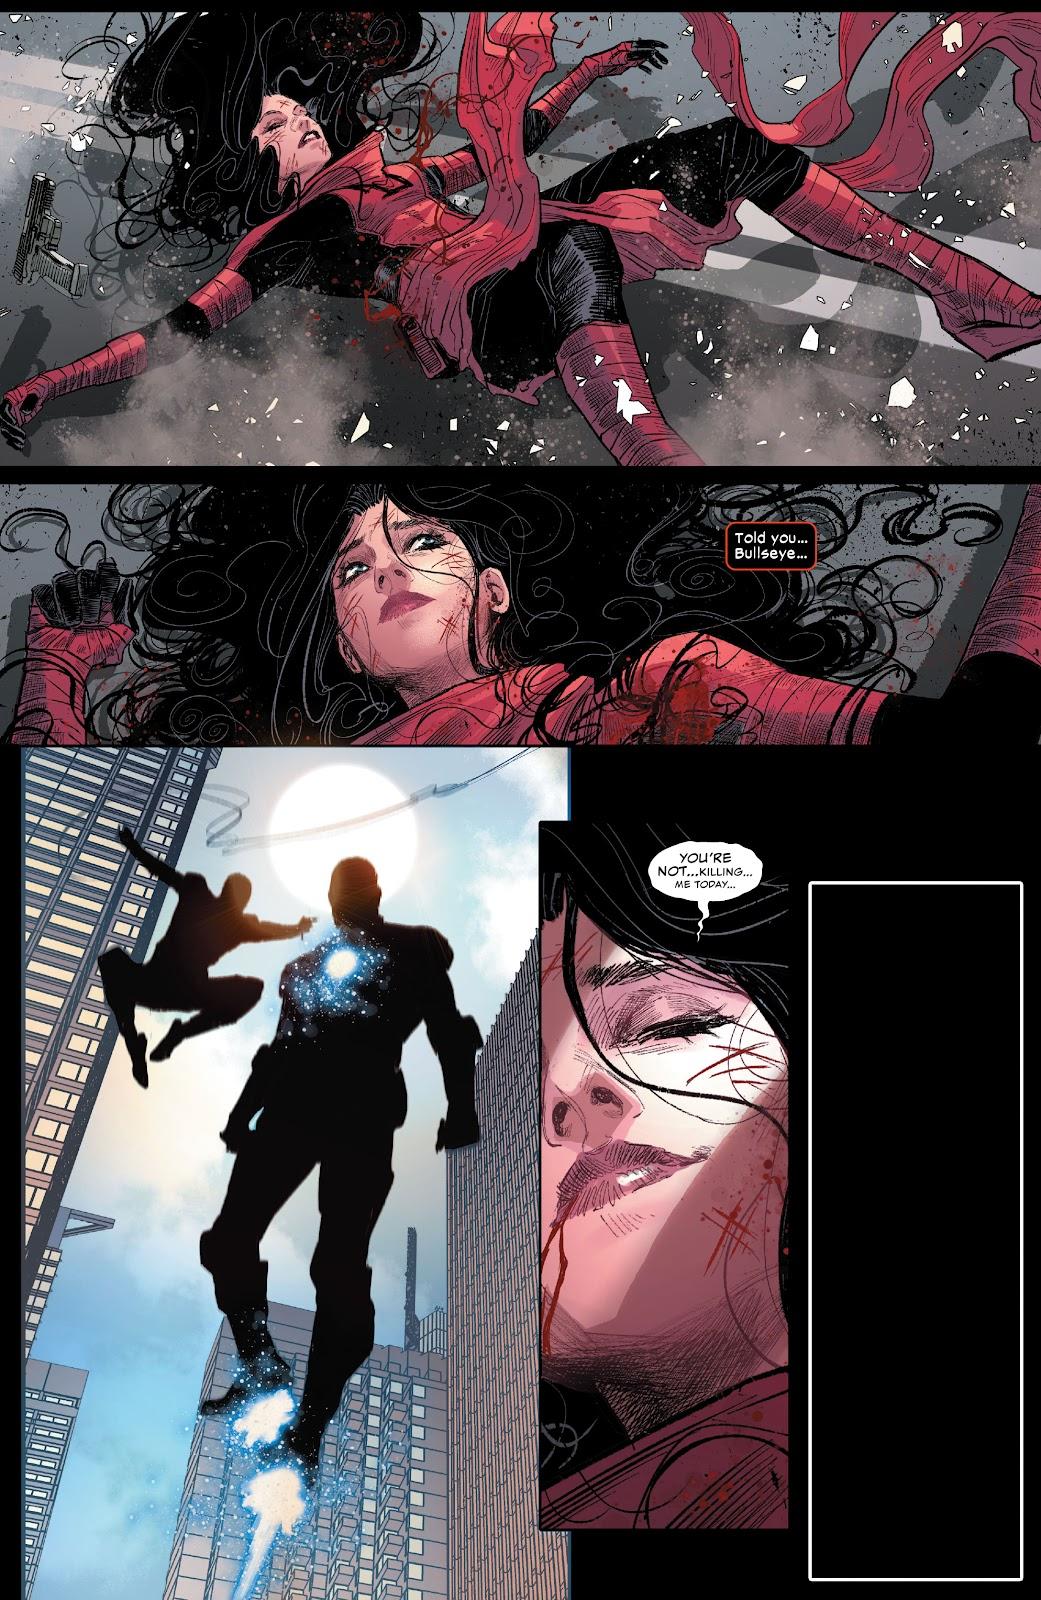 Daredevil (Elektra) VS Bullseye Clones